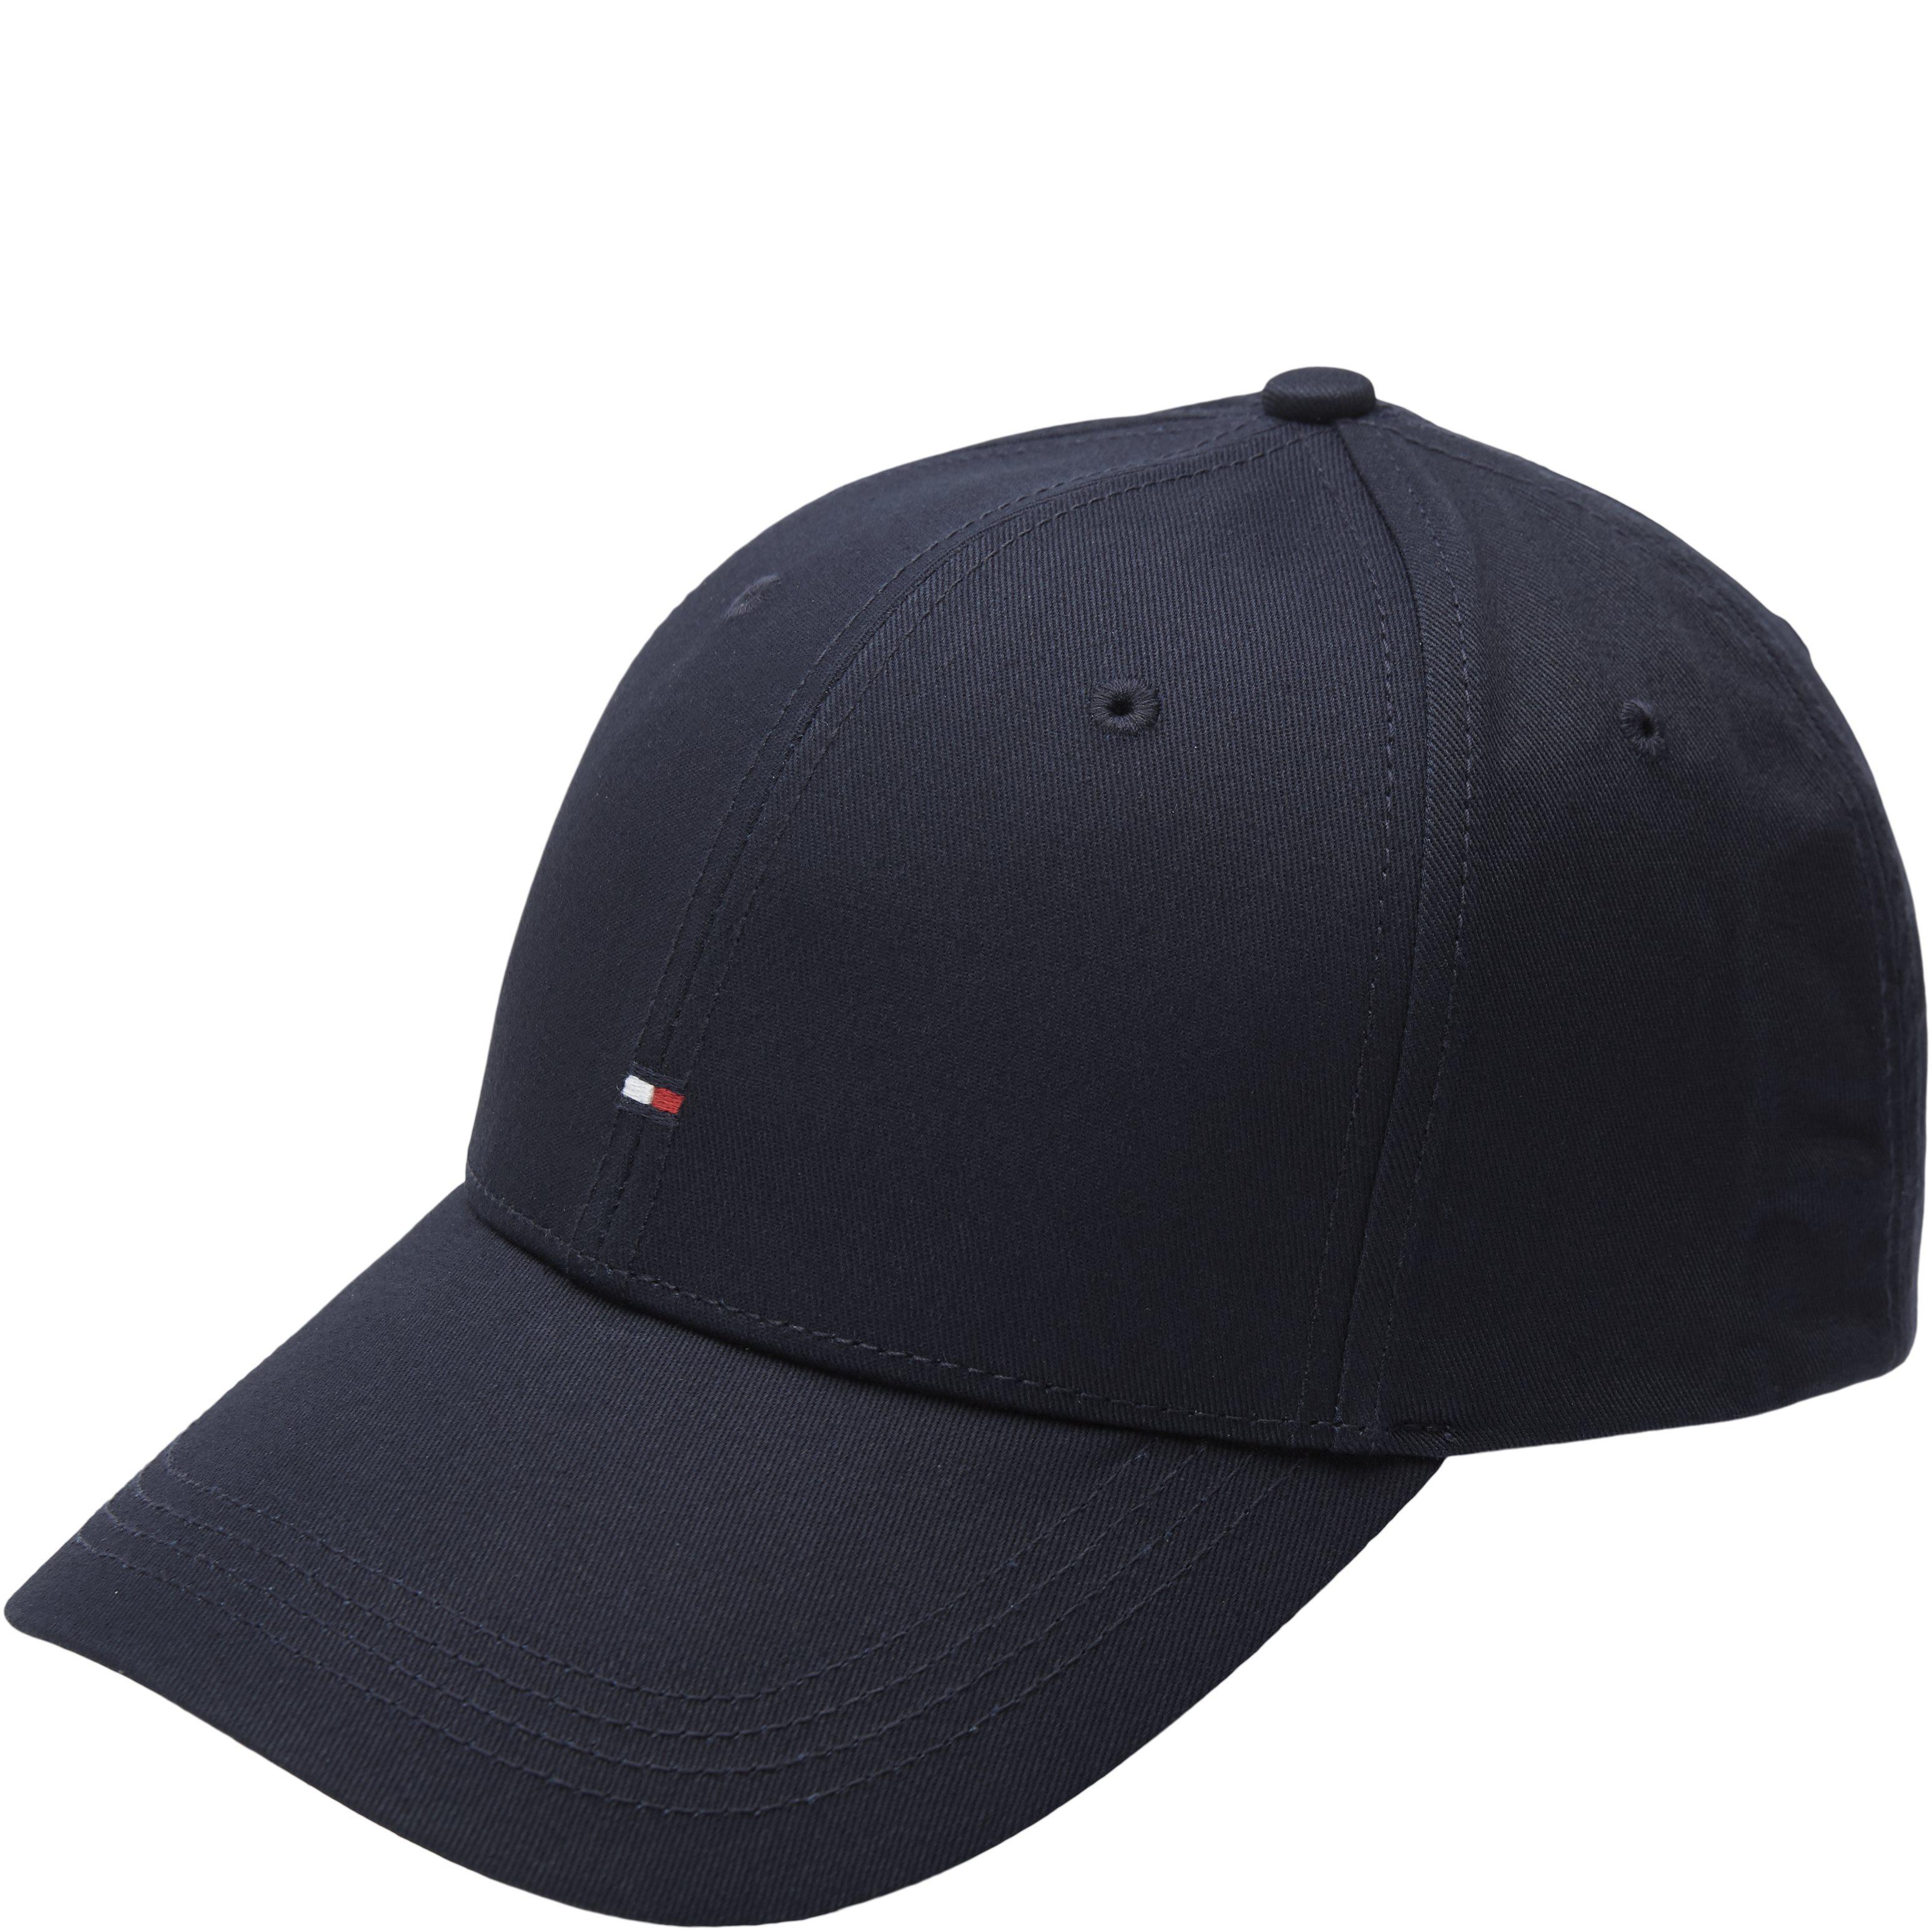 rabatt försäljning utloppsbutik otroliga priser 05080 CLASSIC BB CAP Kepsar NAVY från Tommy Hilfiger 320 SEK